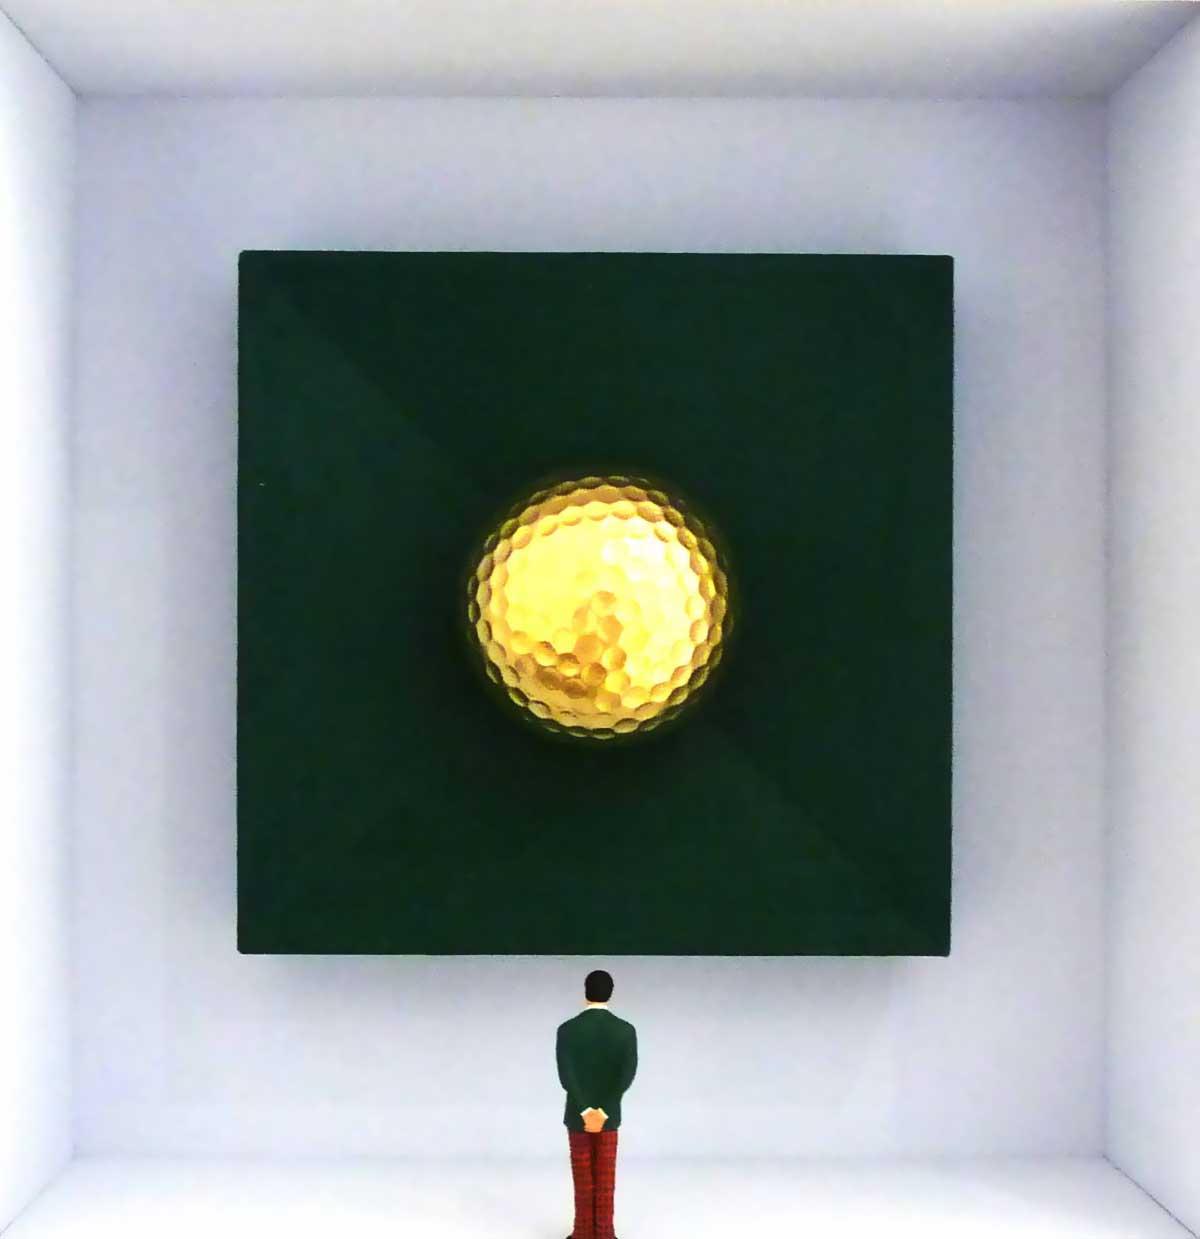 Volker Kühn - The-Ball - Art in Boxes